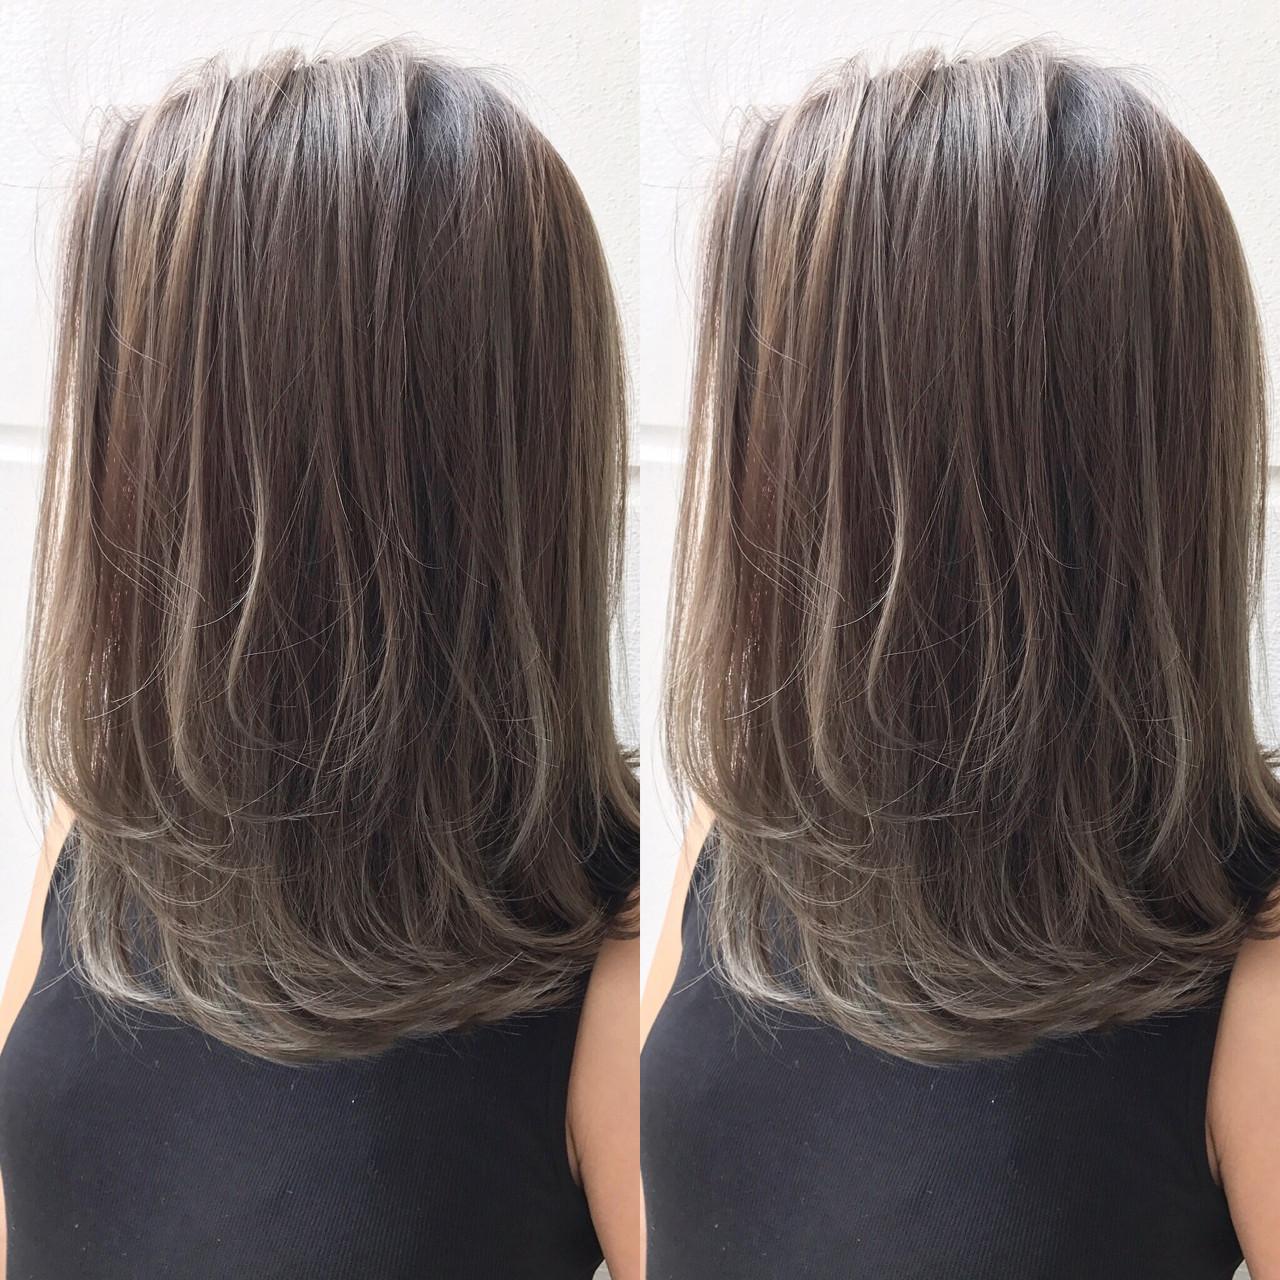 前髪あり ナチュラル スポーツ ヘアアレンジヘアスタイルや髪型の写真・画像